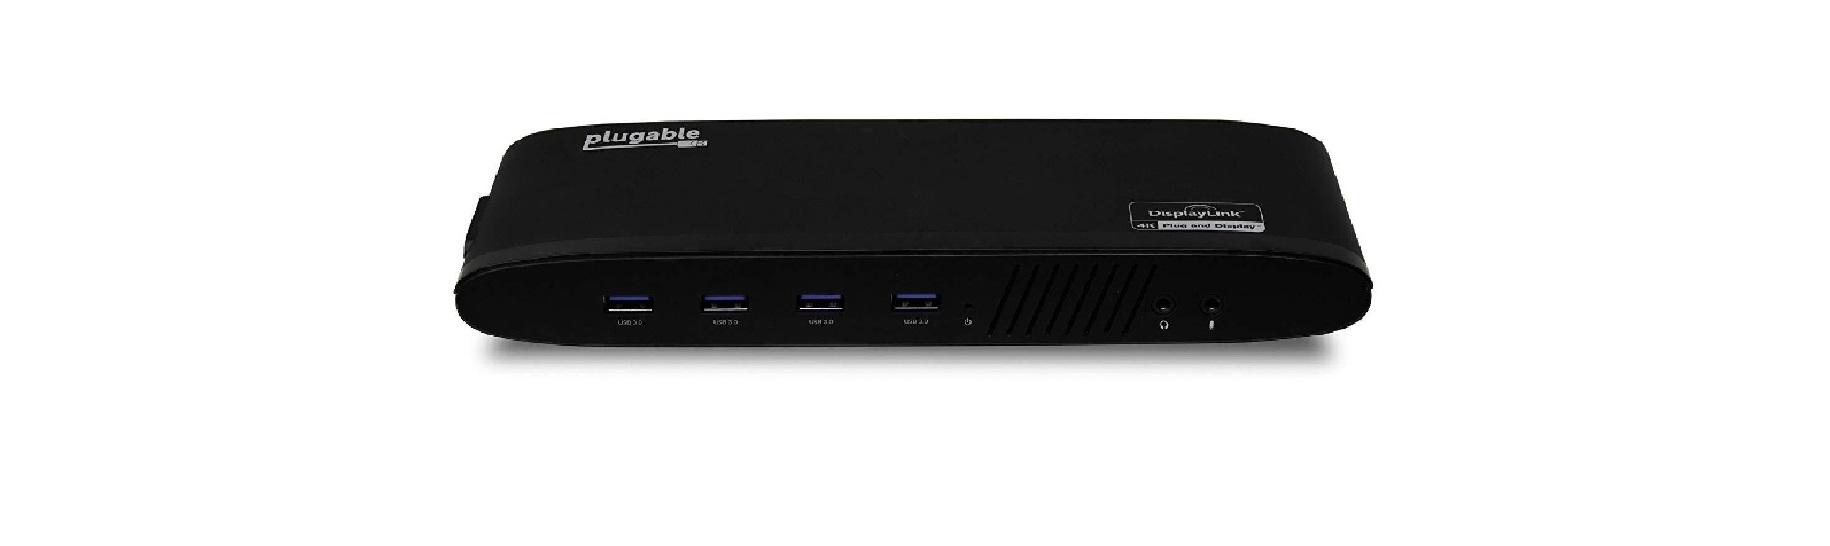 Стыковочная станция Plugable UD-6950H обеспечивает подключение двух мониторов 4K